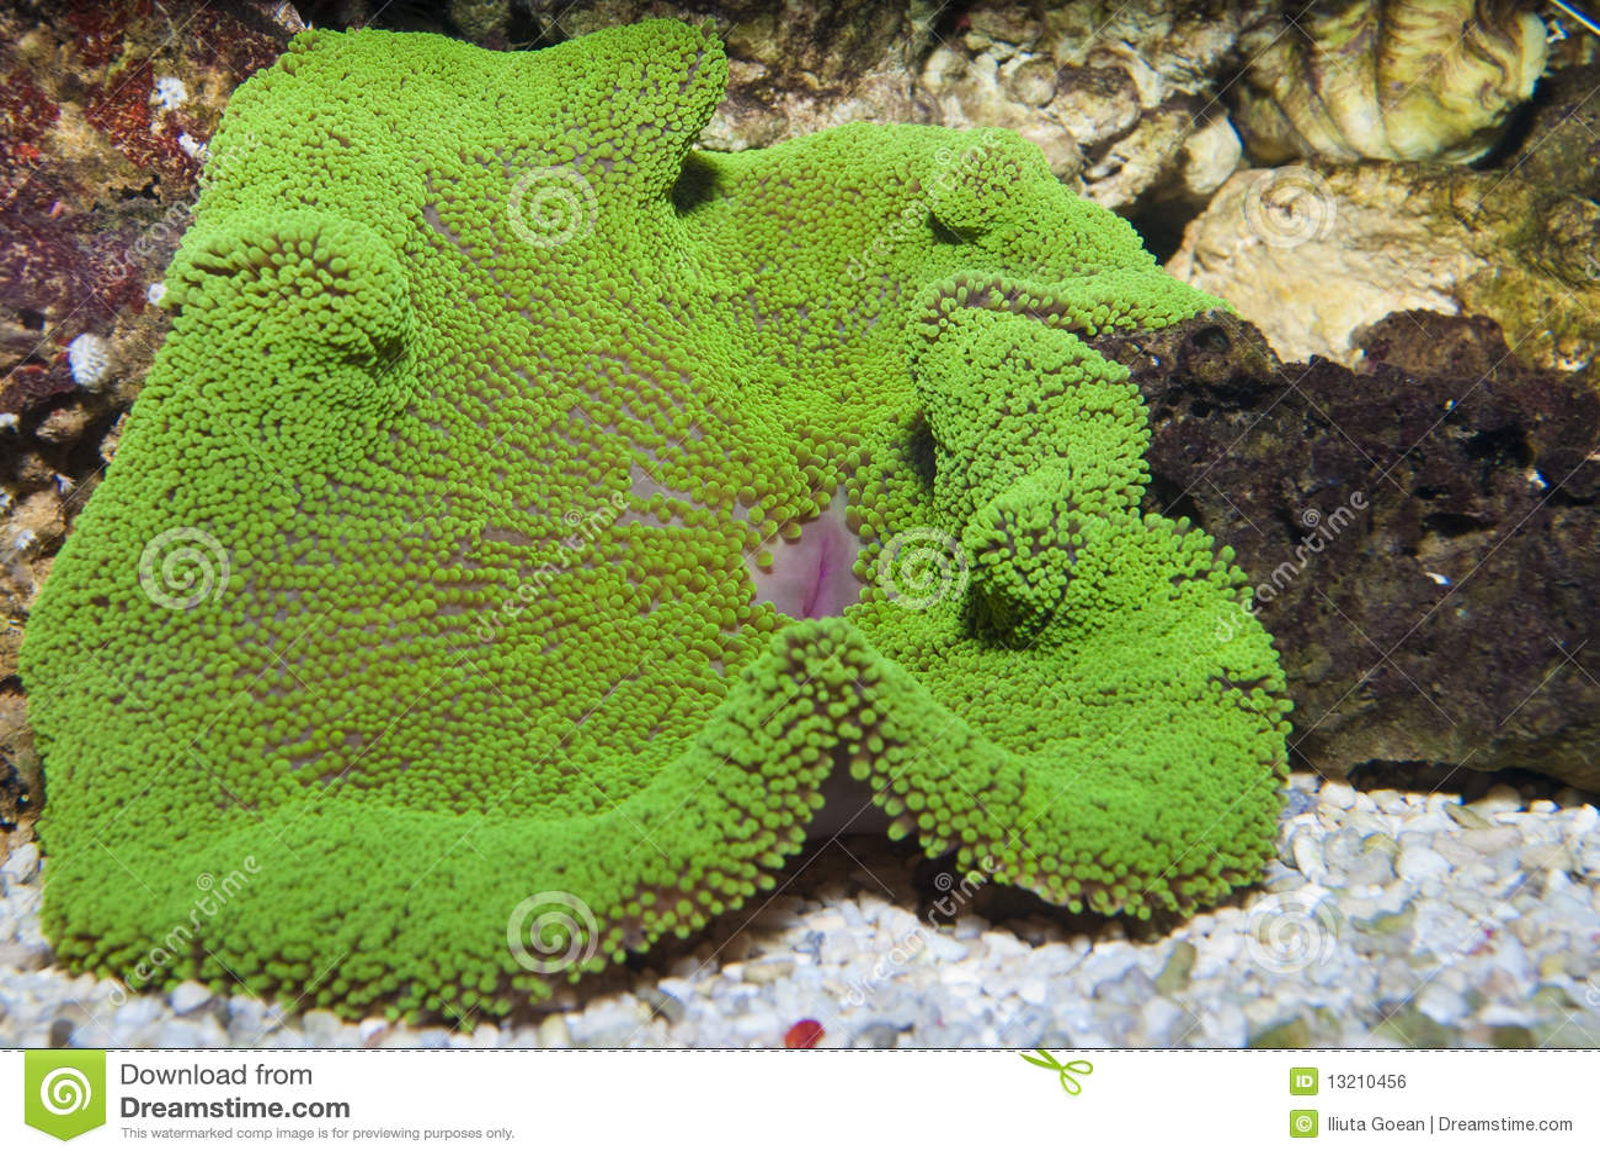 Carrelage Design le tapis vert : Tapis Vert Du0026#39;anu00e9mone Image libre de droits - Image: 13210456